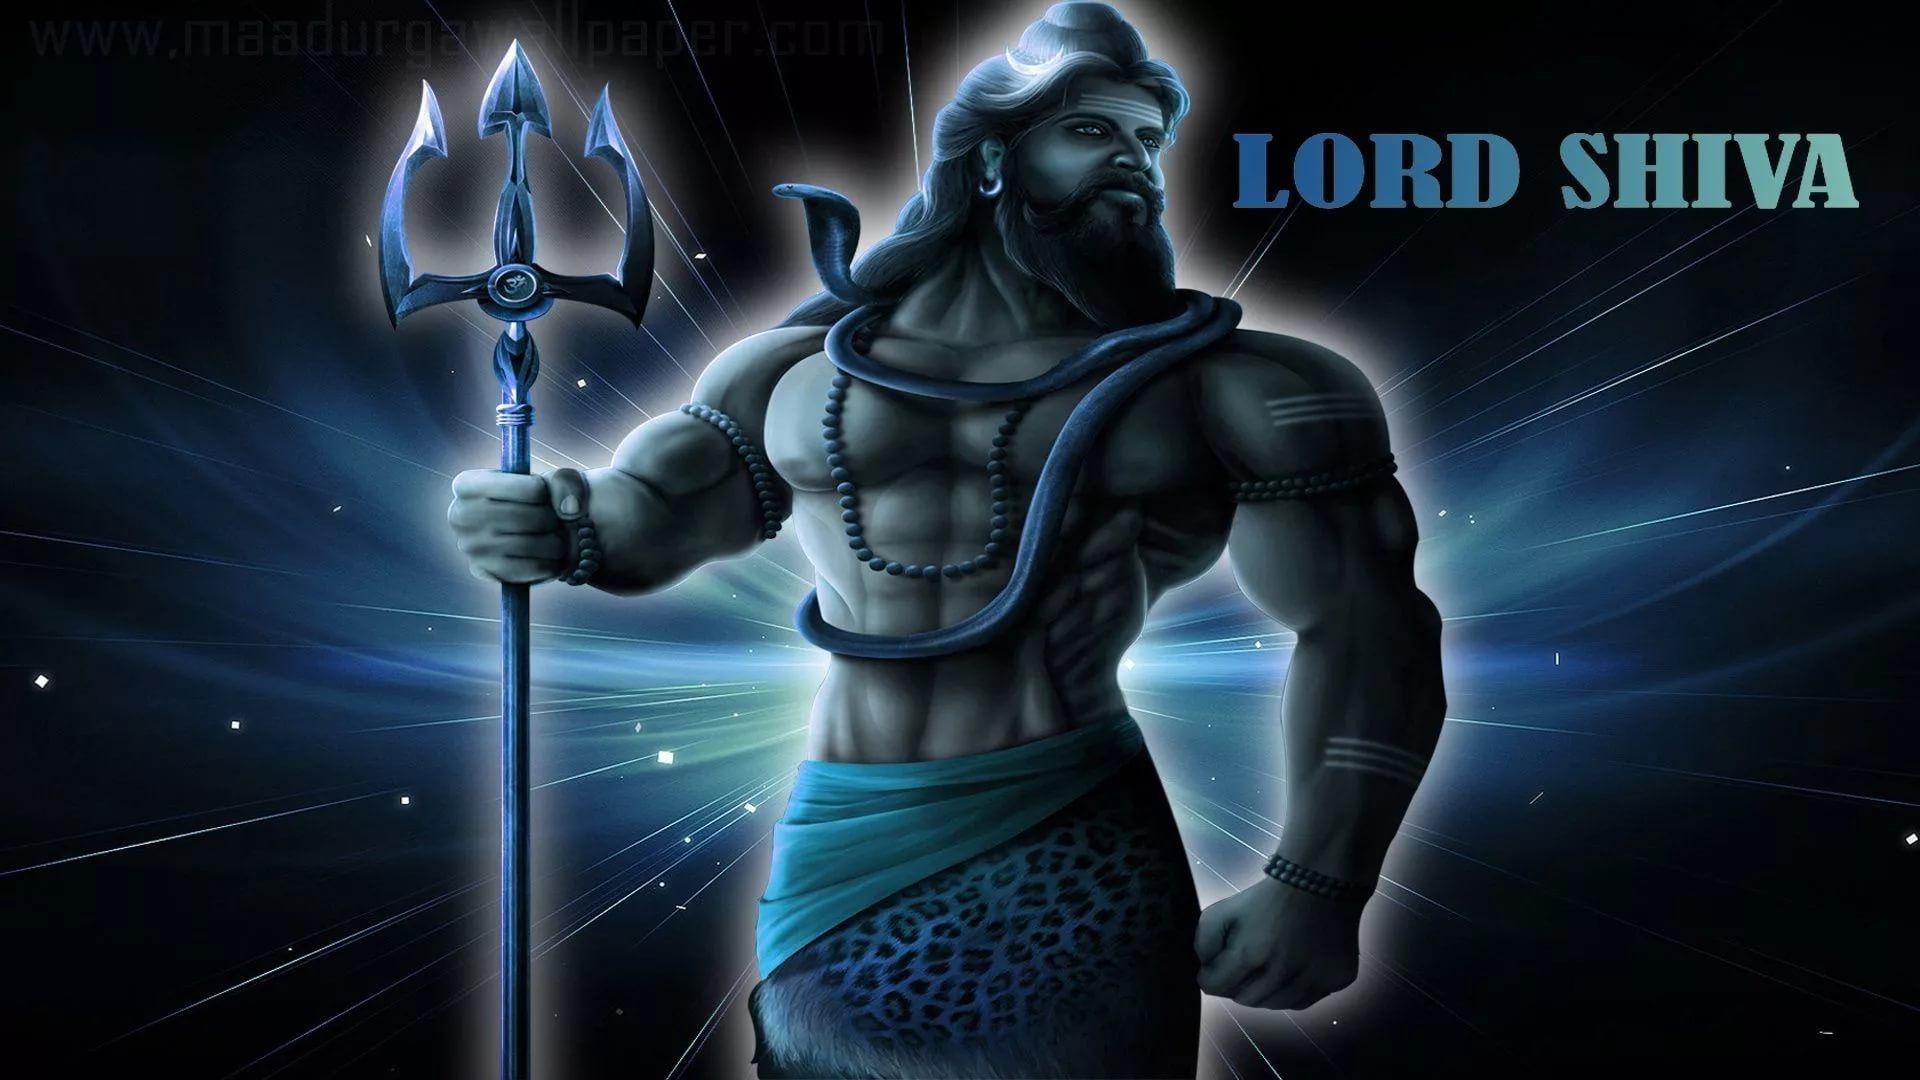 Lord Shiva Tandav Hd Desktop Wallpaper Lord Shiva Six Pack Hd 1920x1080 Wallpaper Teahub Io